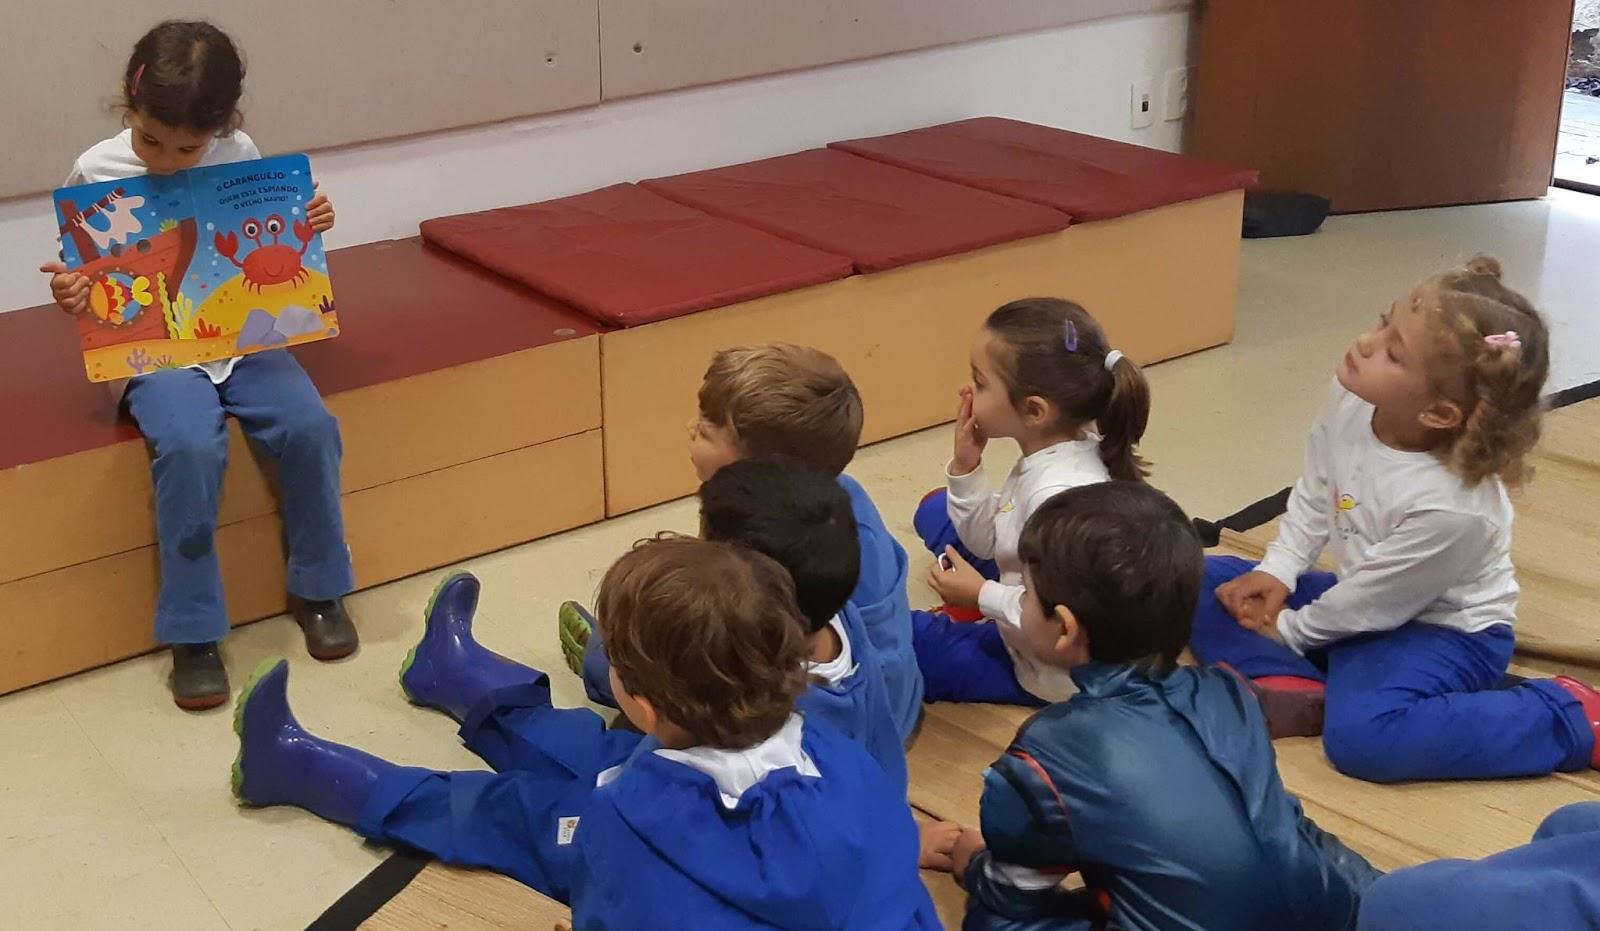 A imagem mostra uma criança mostrando um livro para um grupo de crianças.